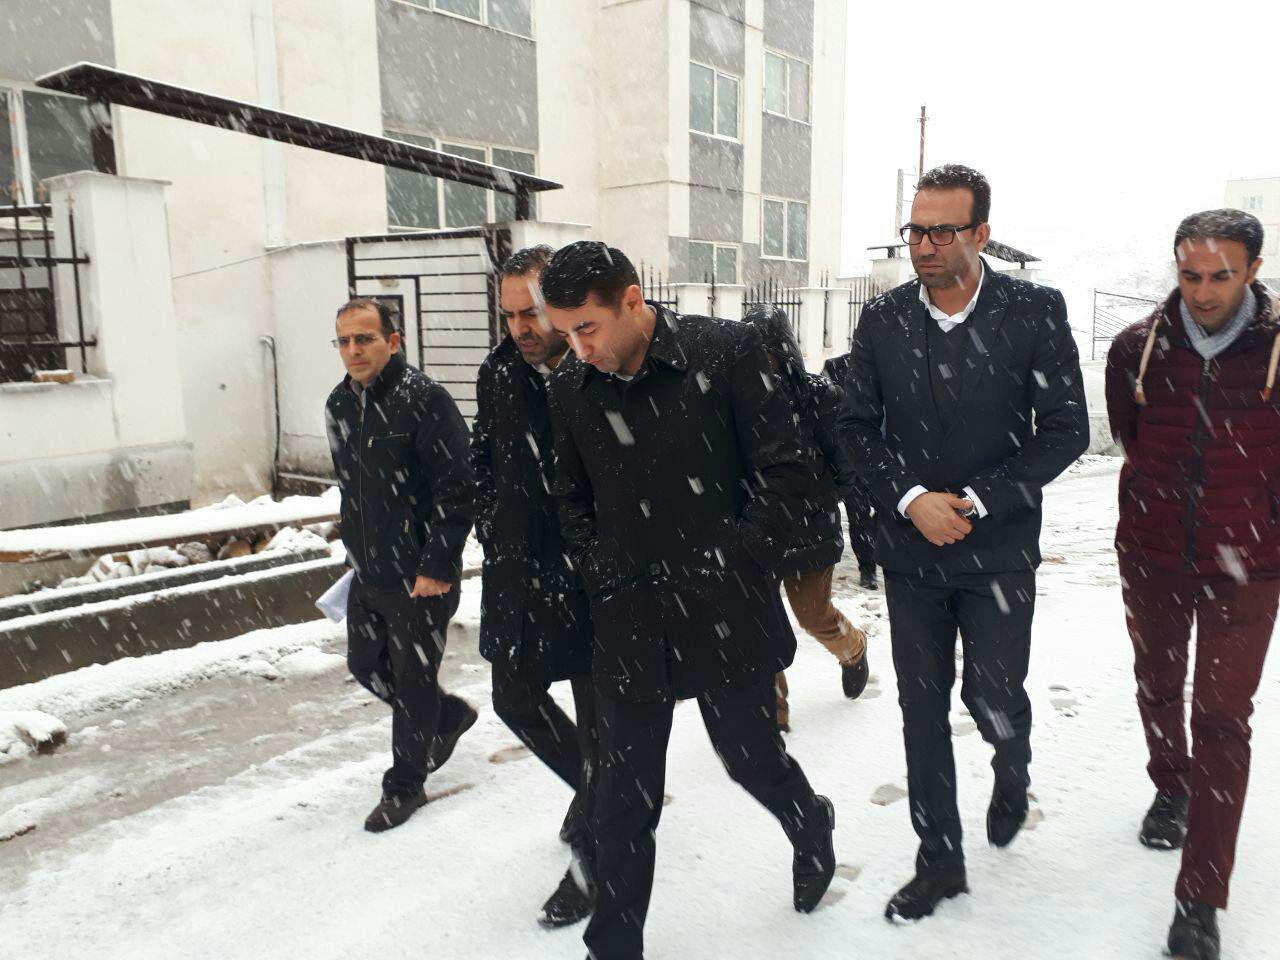 هشدار مدیرعامل شرکت عمران به سازندگان، تعطیلی کارگاهها به بهانه برف ممنوع